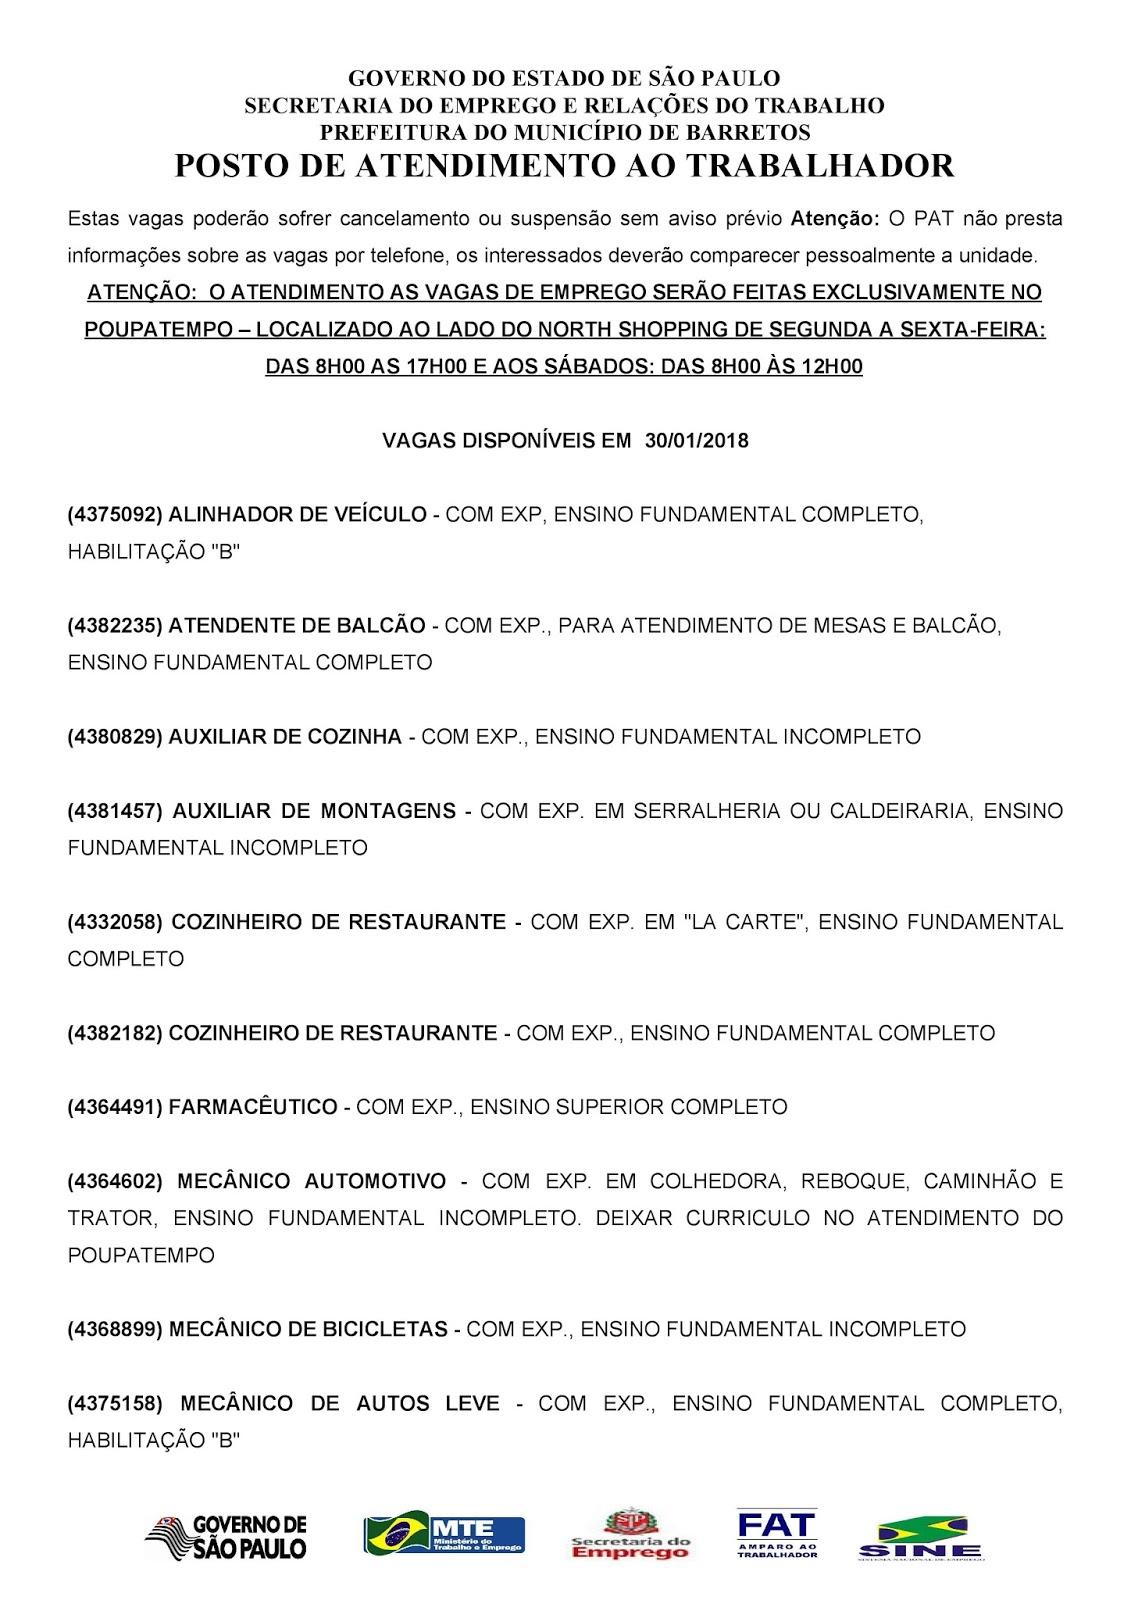 VAGAS DE EMPREGO DO PAT BARRETOS-SP PARA 30/01/2018 TERÇA-FEIRA - Pag.1